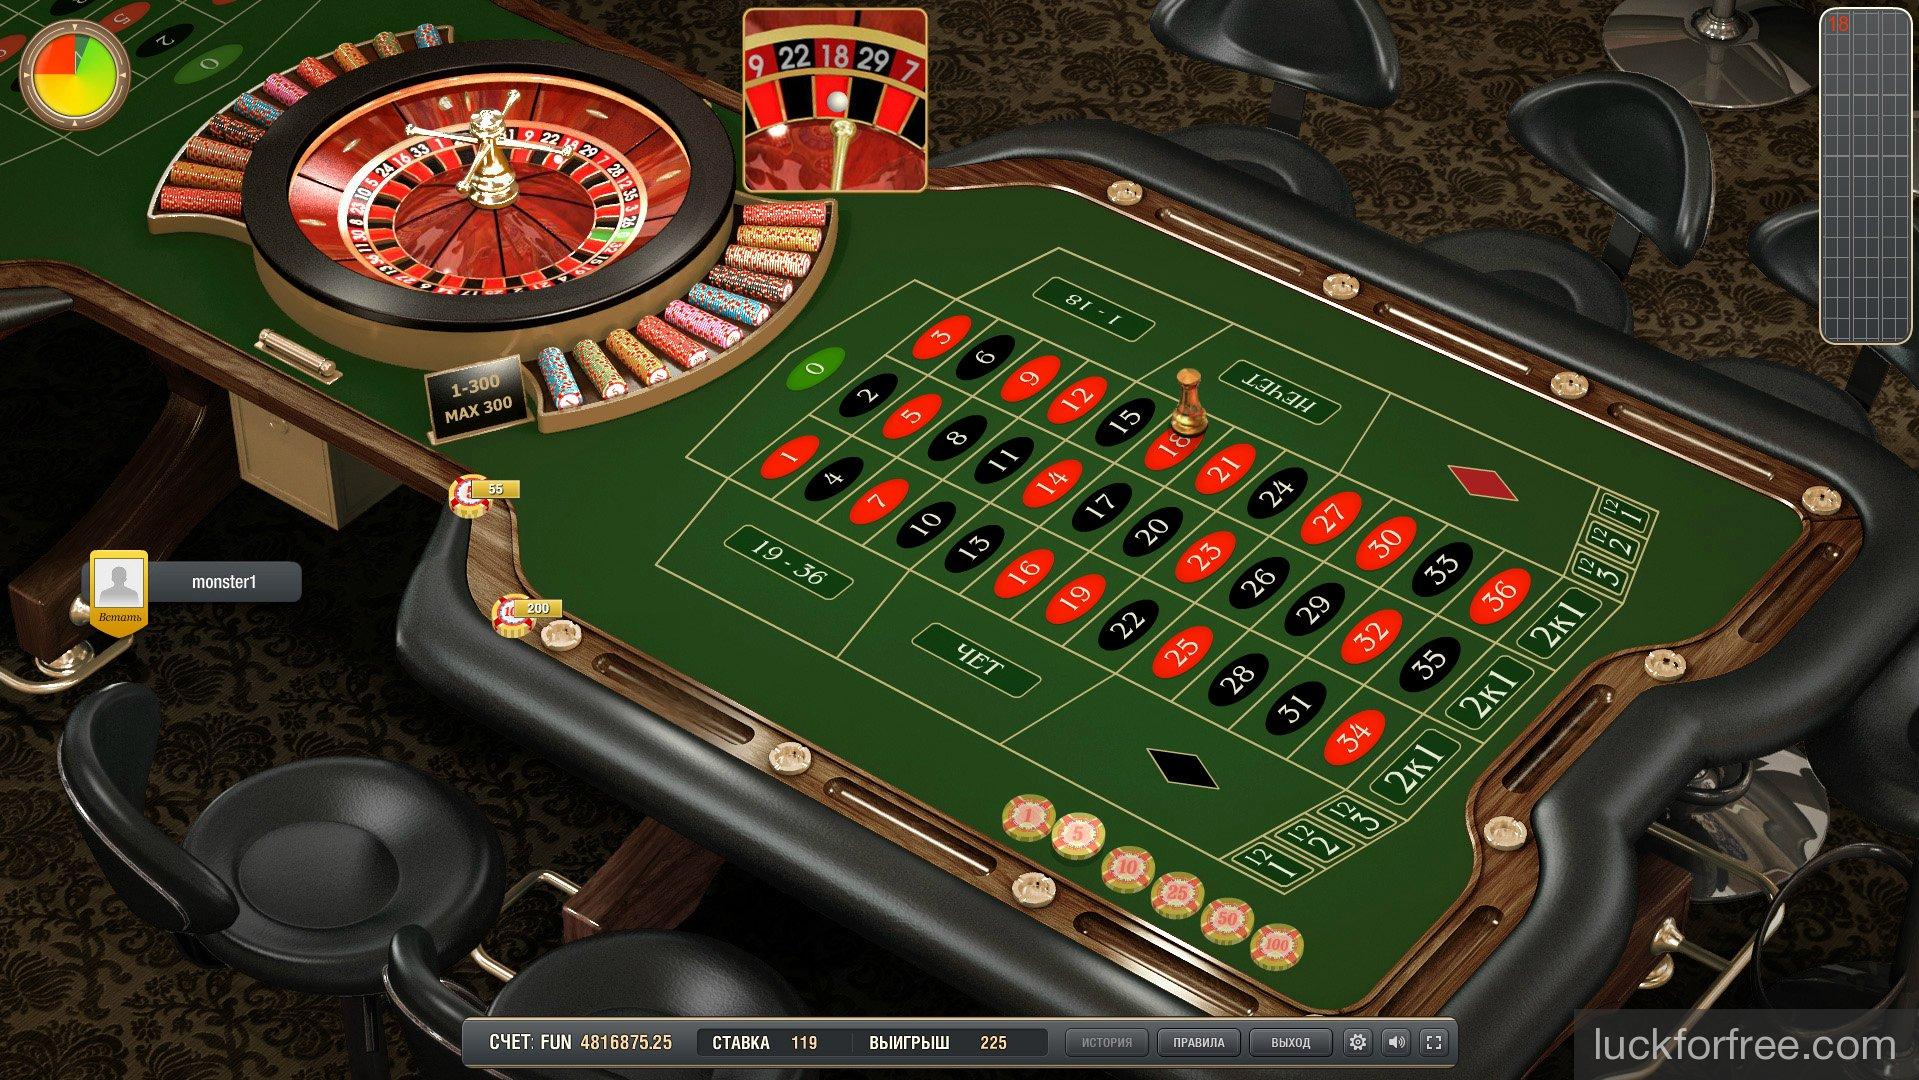 В ереванет нат солдатских картах есть ограничения на азартные игры